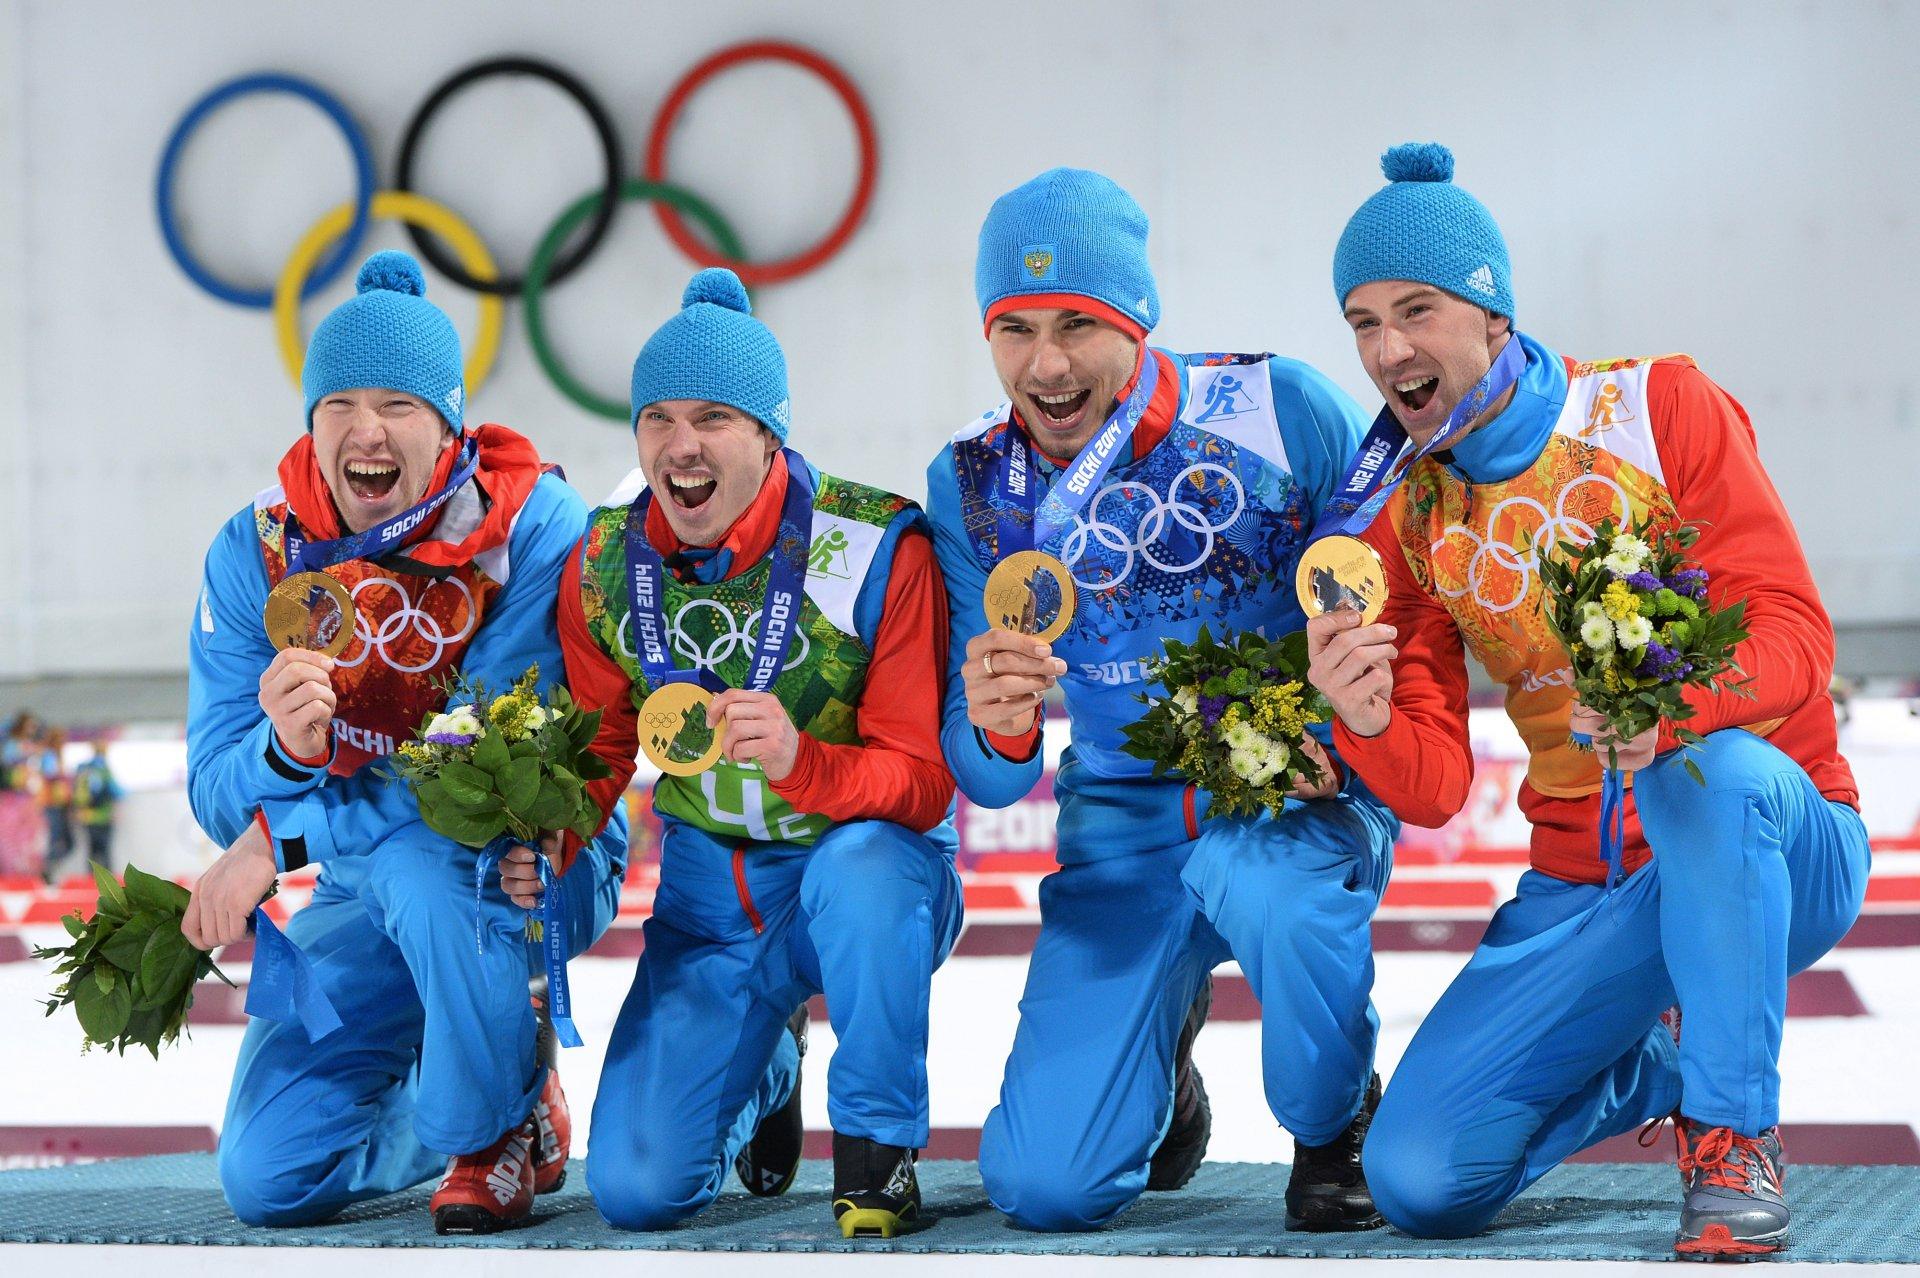 Метки результаты выступления русских спортсменов на зимнем чемпионате мира того, запомните